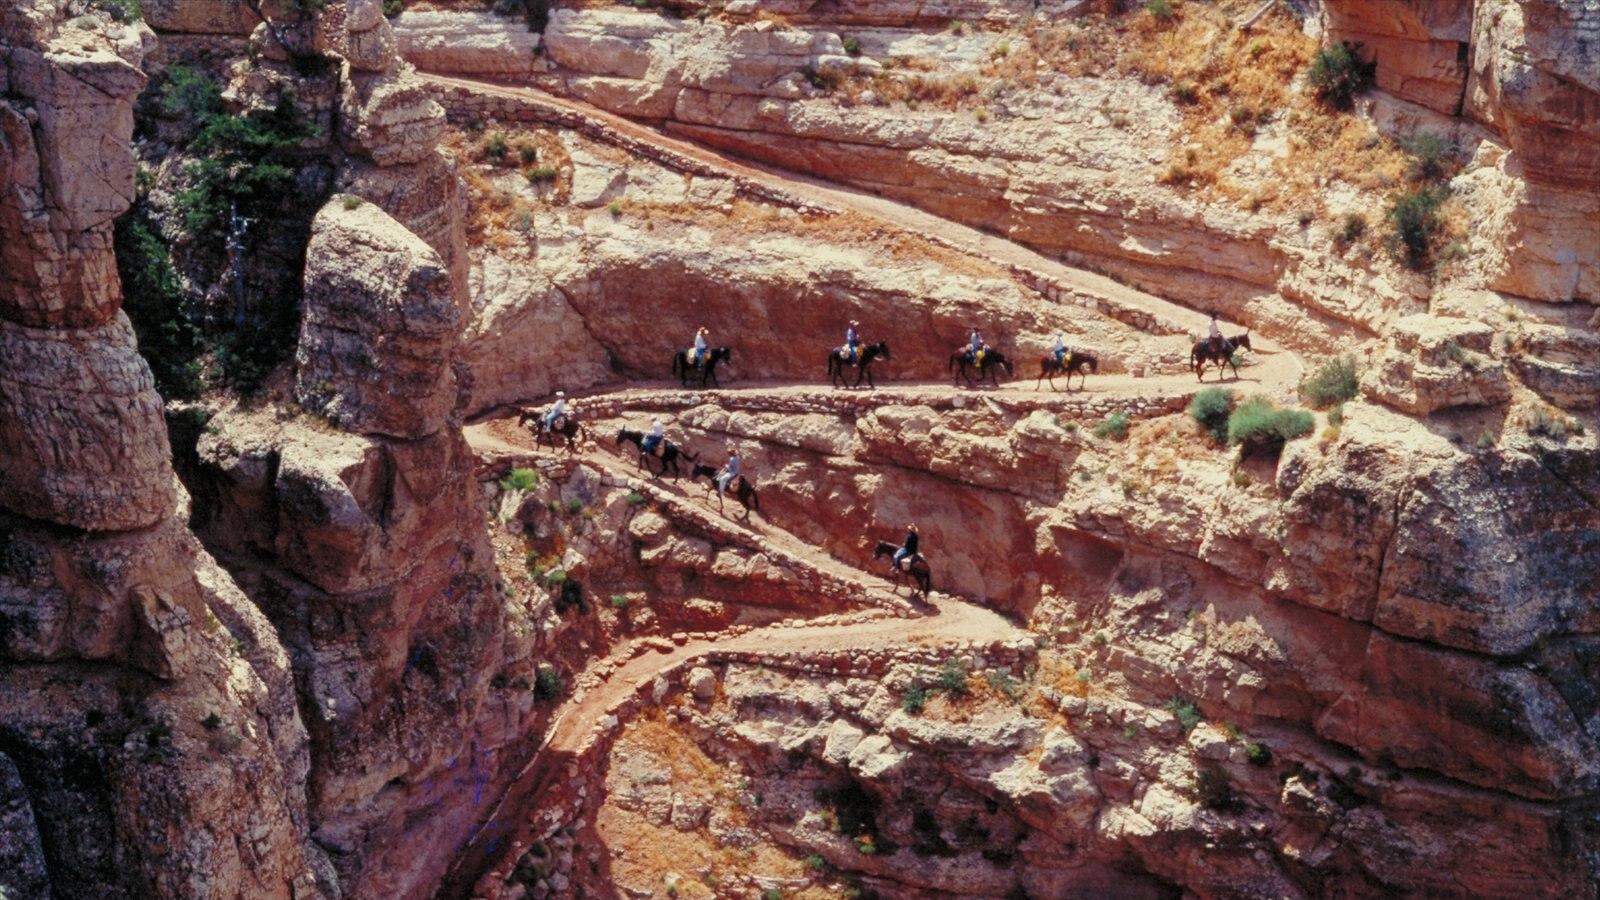 Grand Canyon que inclui cavalgada, paisagem e um desfiladeiro ou canyon